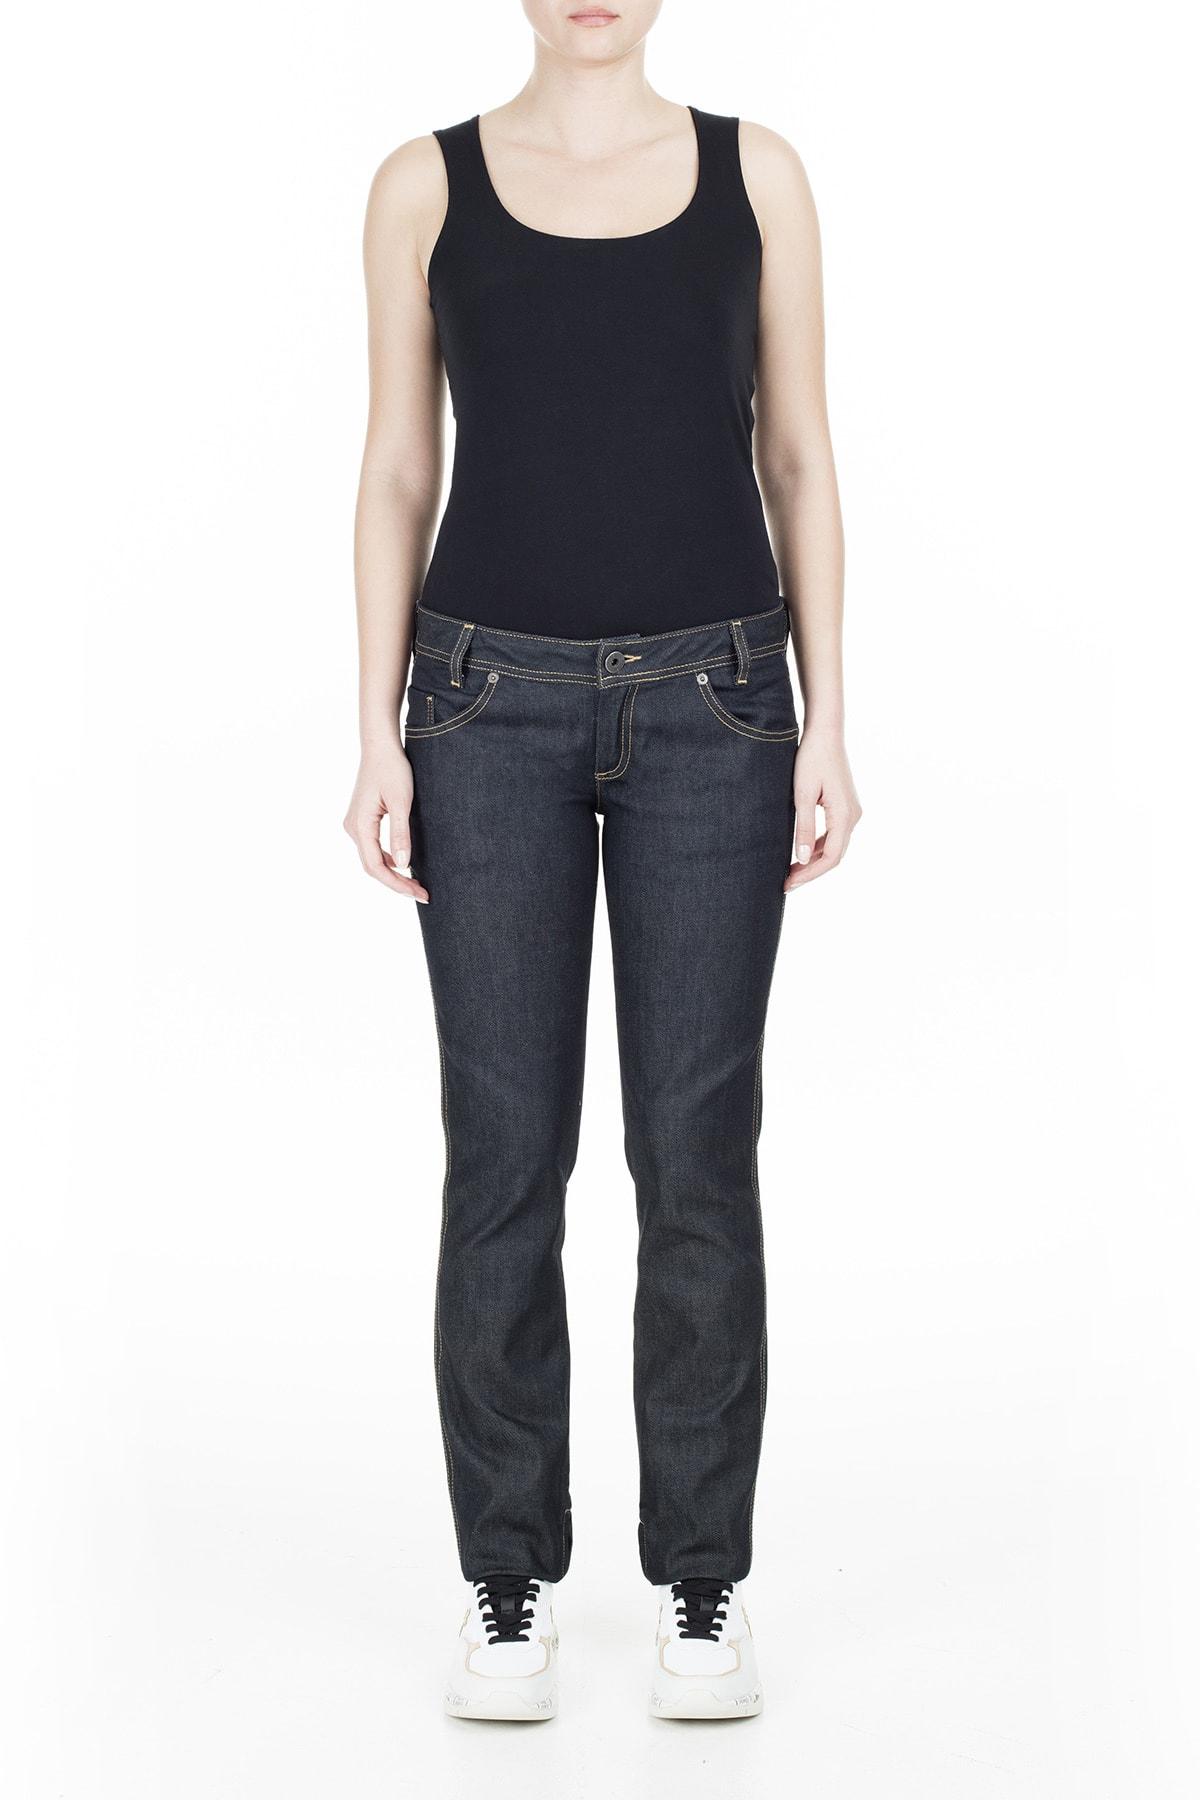 Diesel Jeans Kadın Kot Pantolon Zoxpıcıno